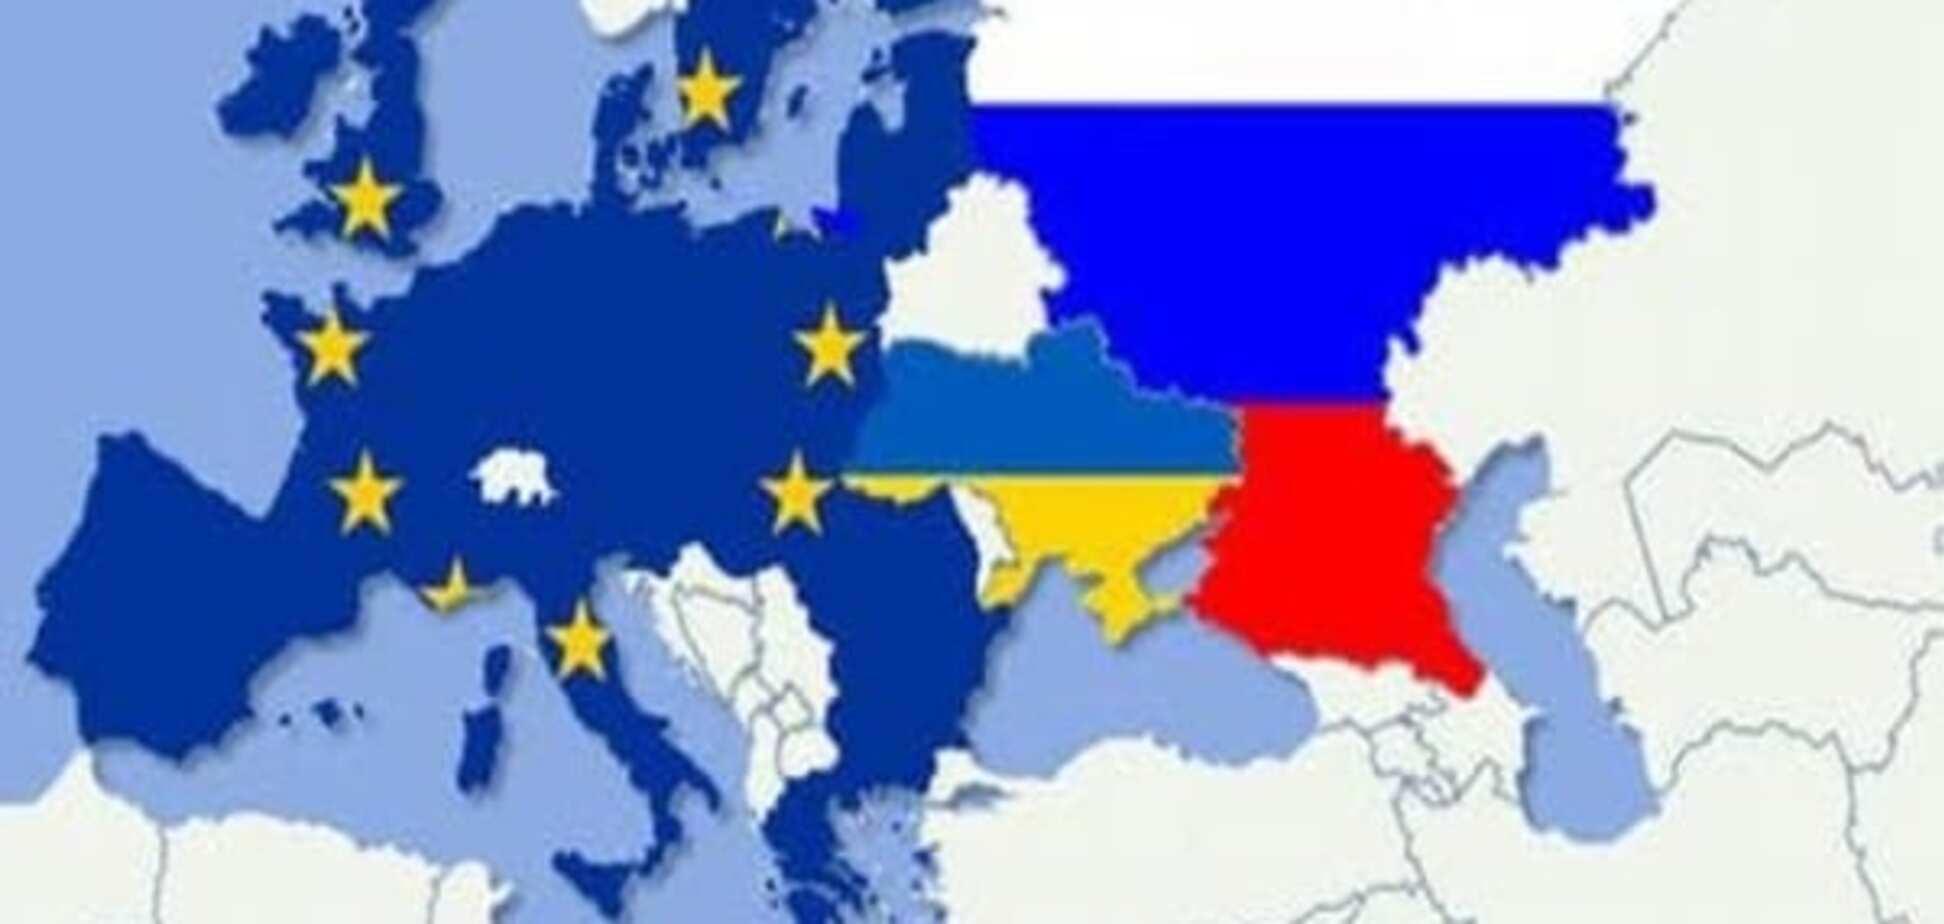 Тристоронні переговори щодо вільної торгівлі України з ЄС: прориву не відбулося